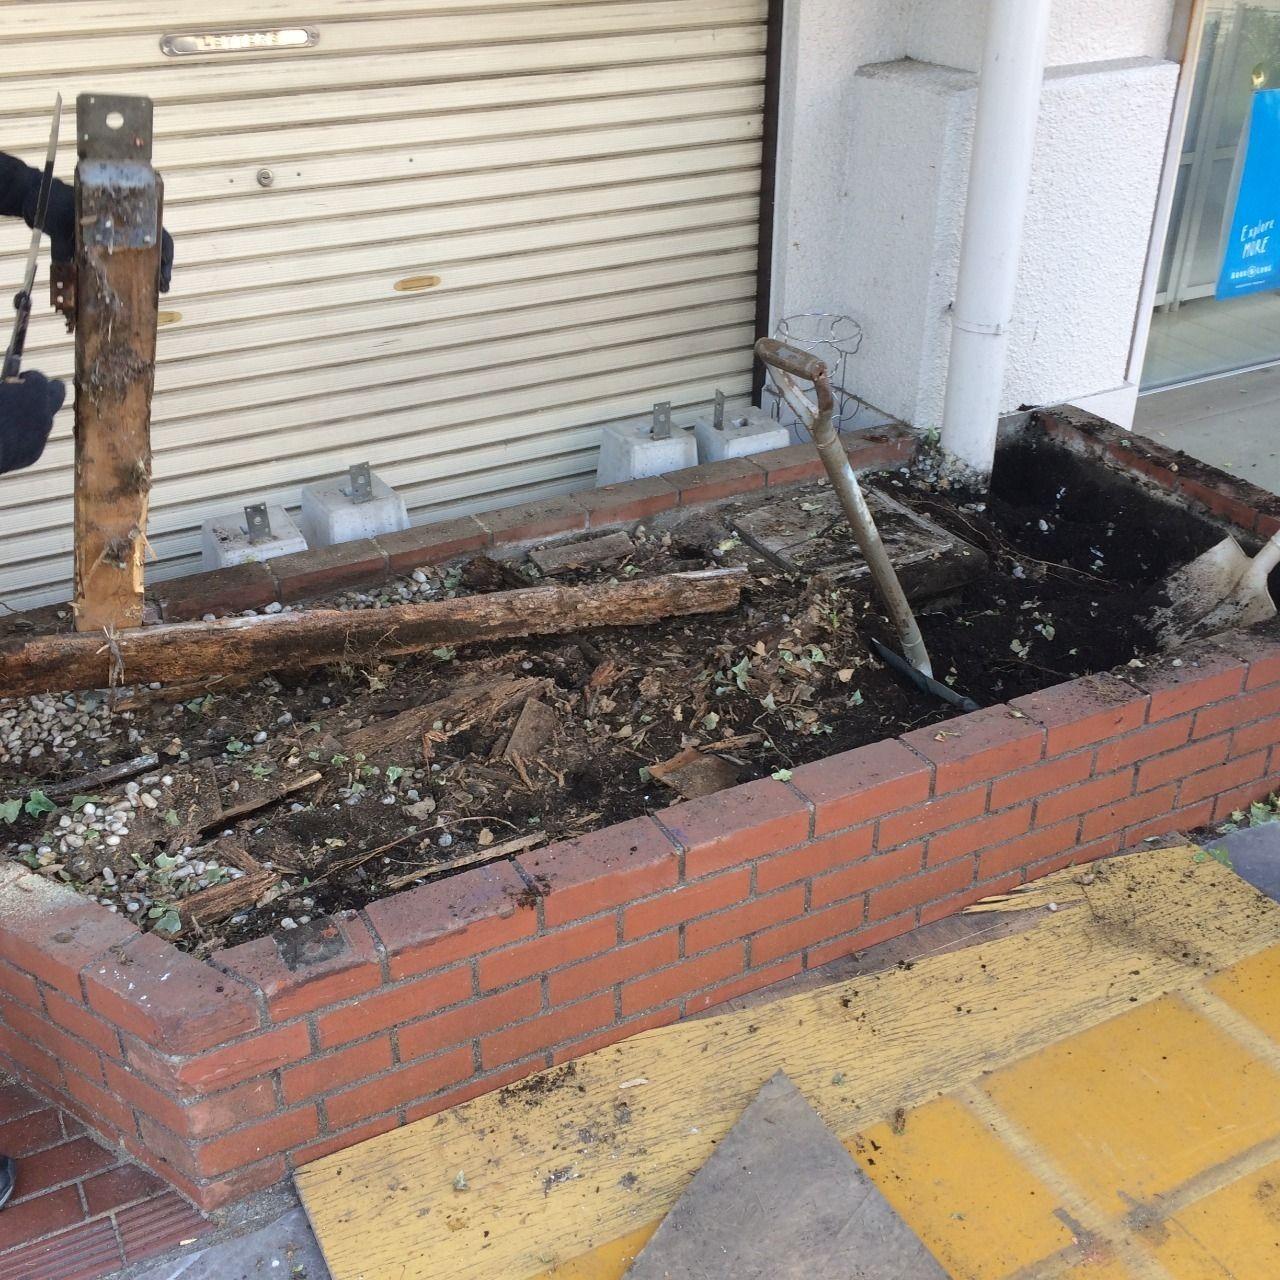 クーパーズ不動産の店先の花壇の土を搬出